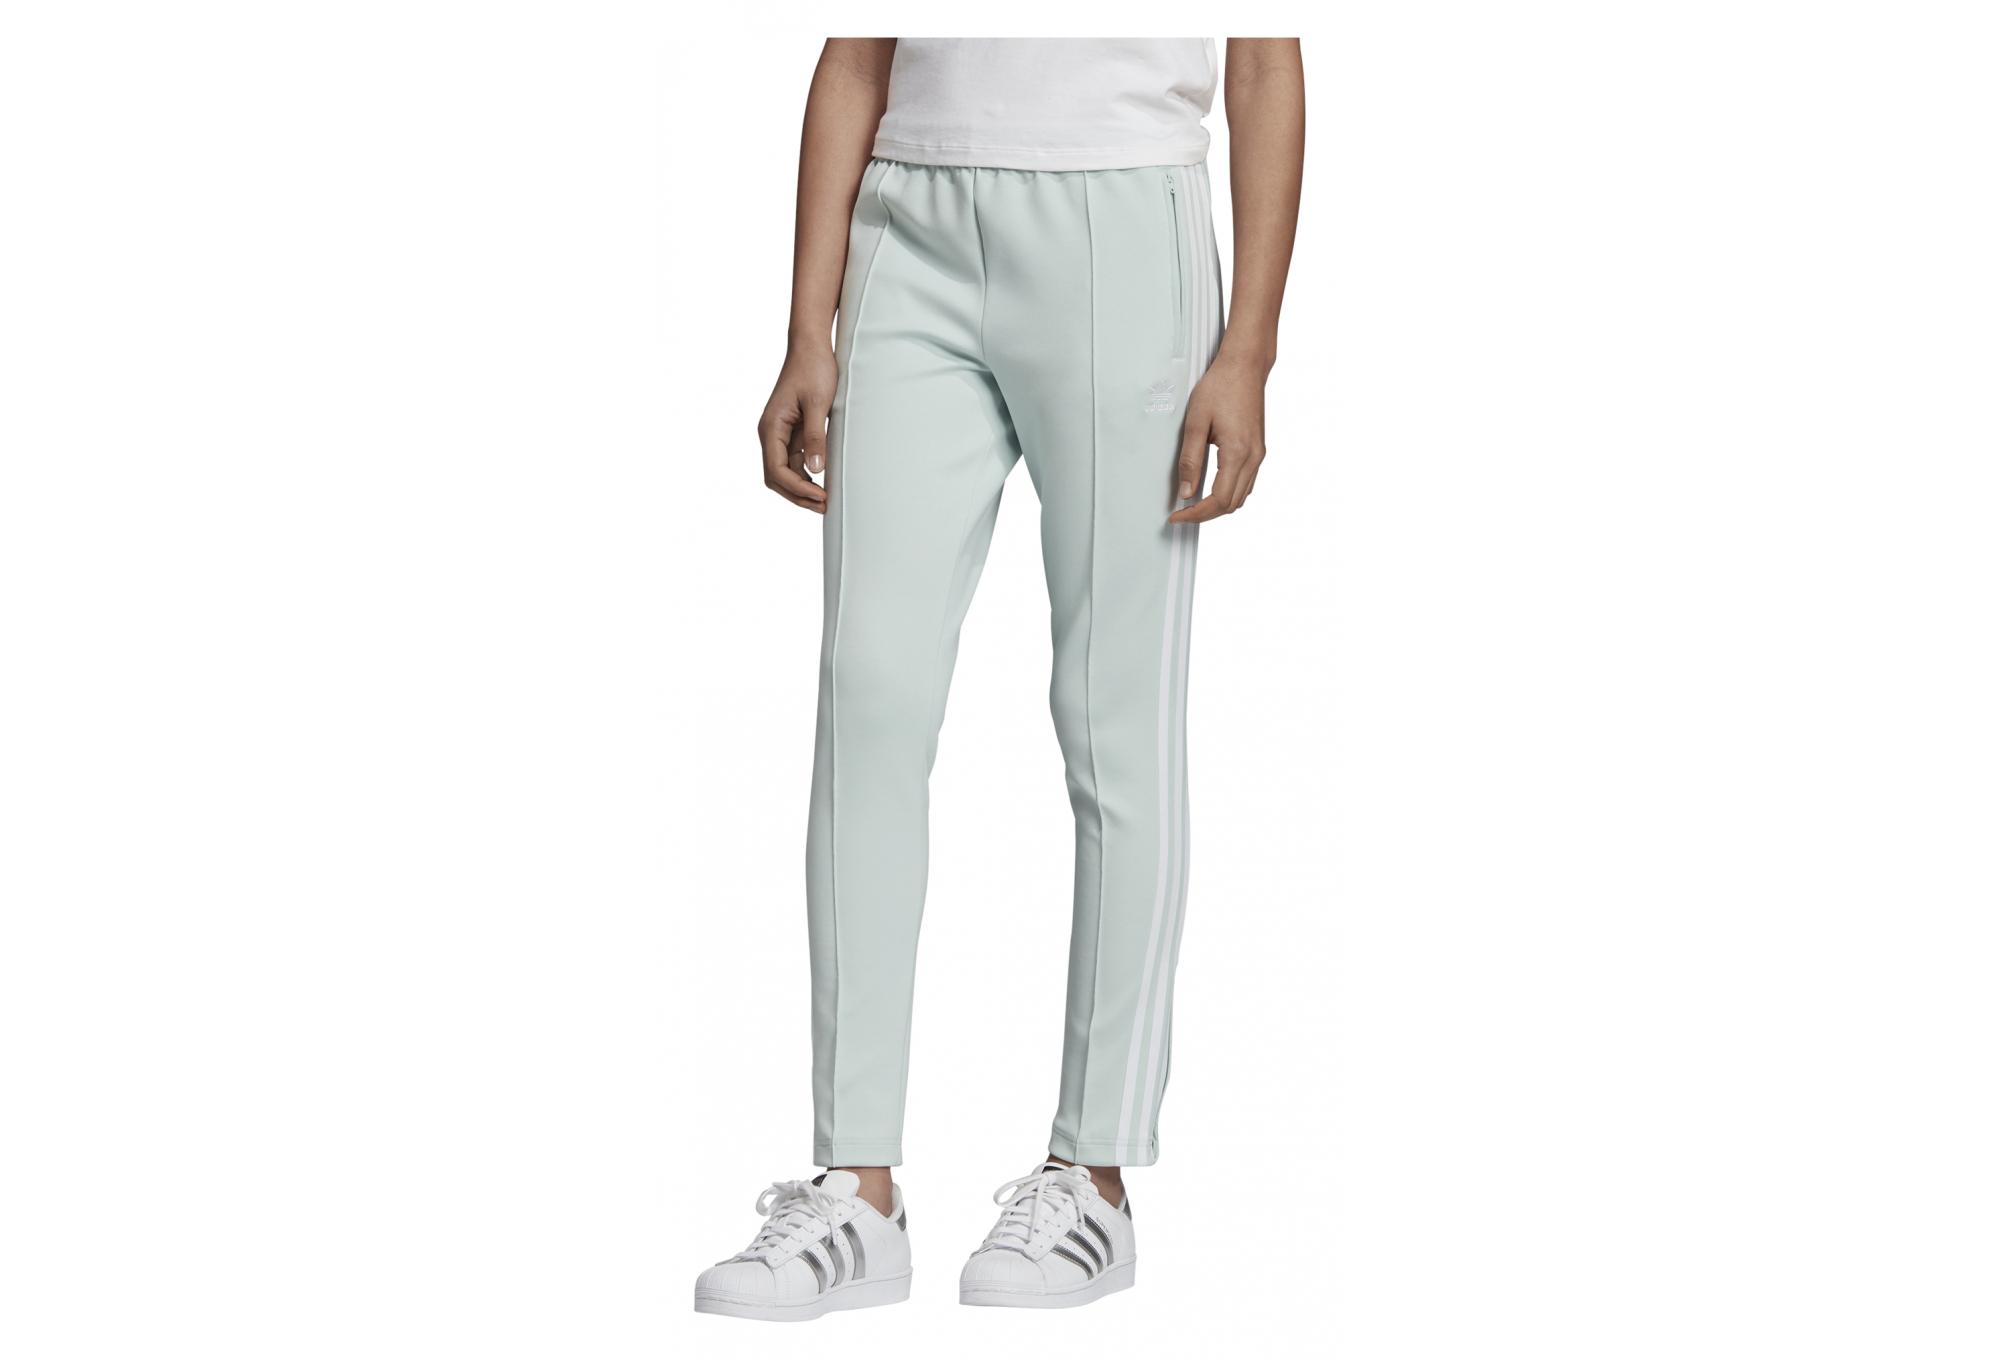 adidas pantalon femme sst